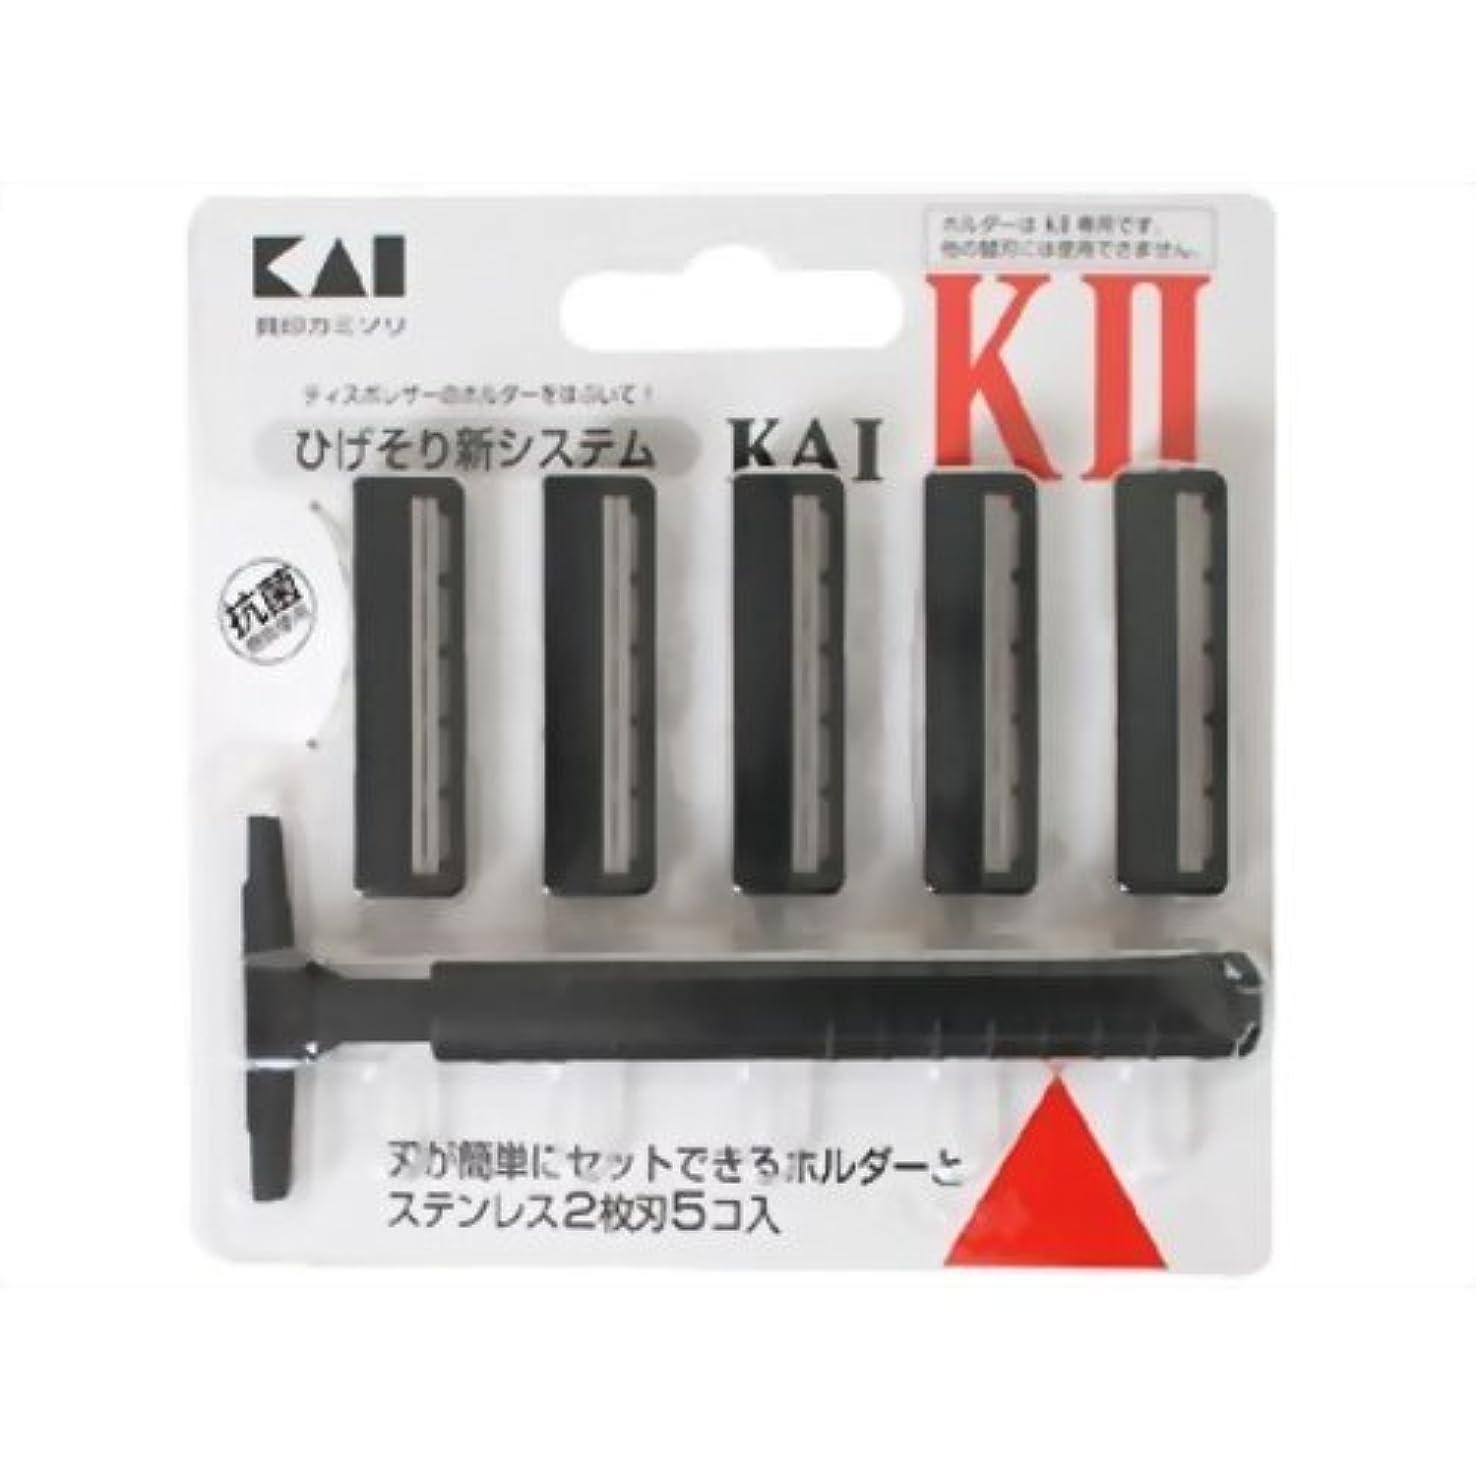 苗チロ入札カミソリ KAI-K2 K2-5 ×6個セット